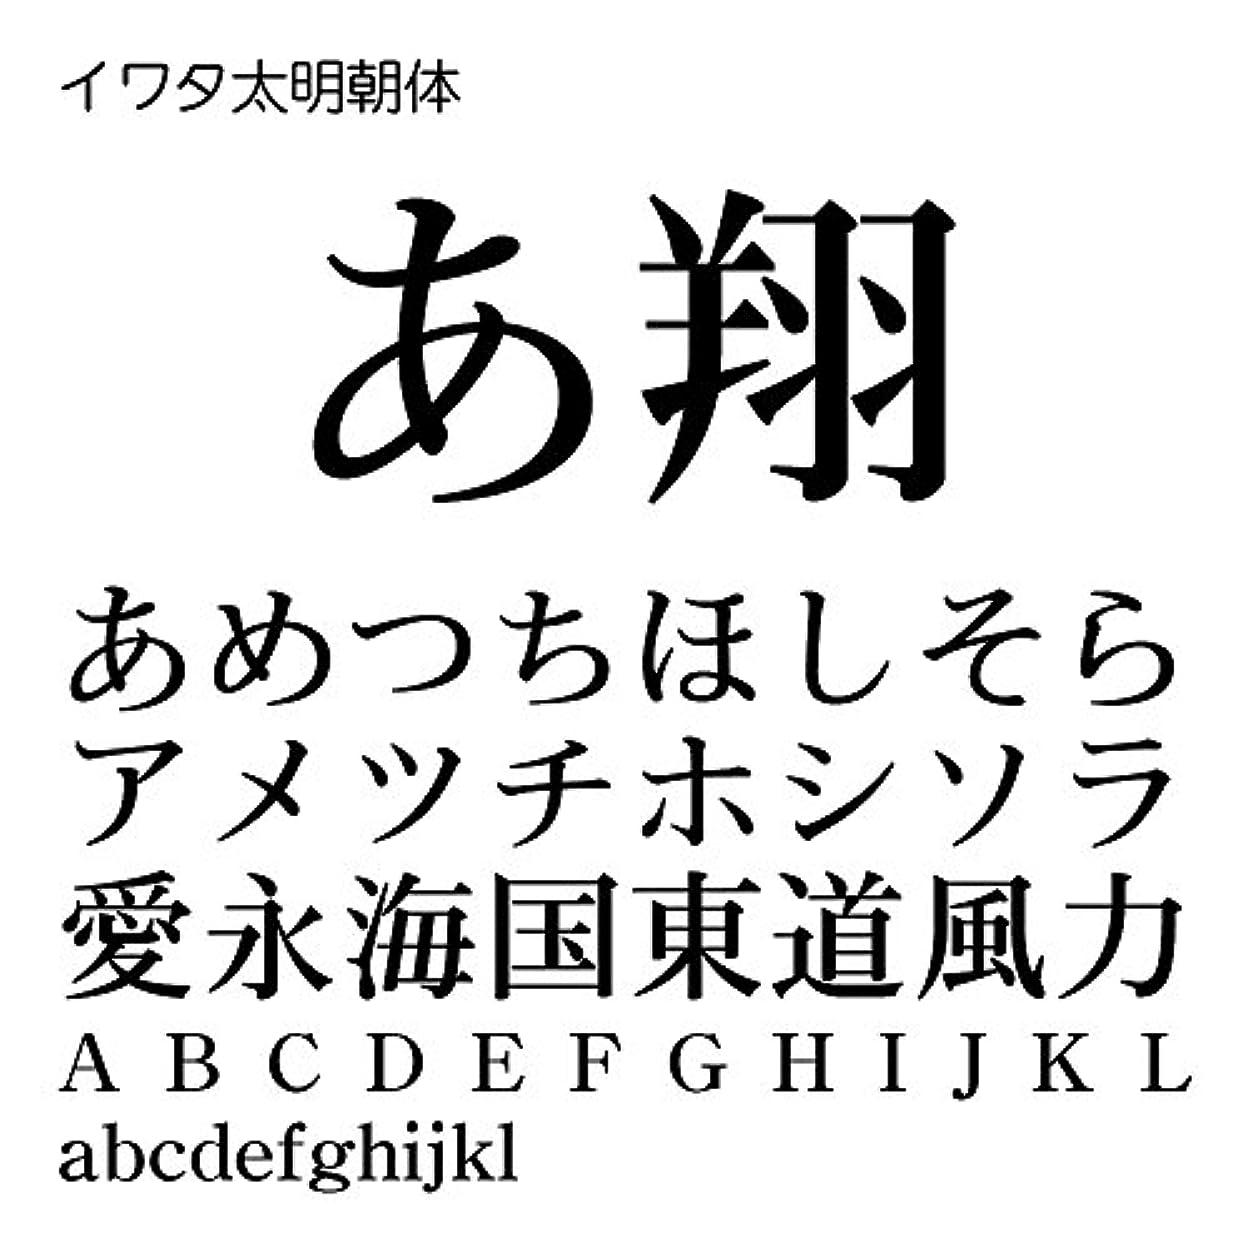 リー盲目香ばしいイワタ太明朝体 TrueType Font for Windows [ダウンロード]